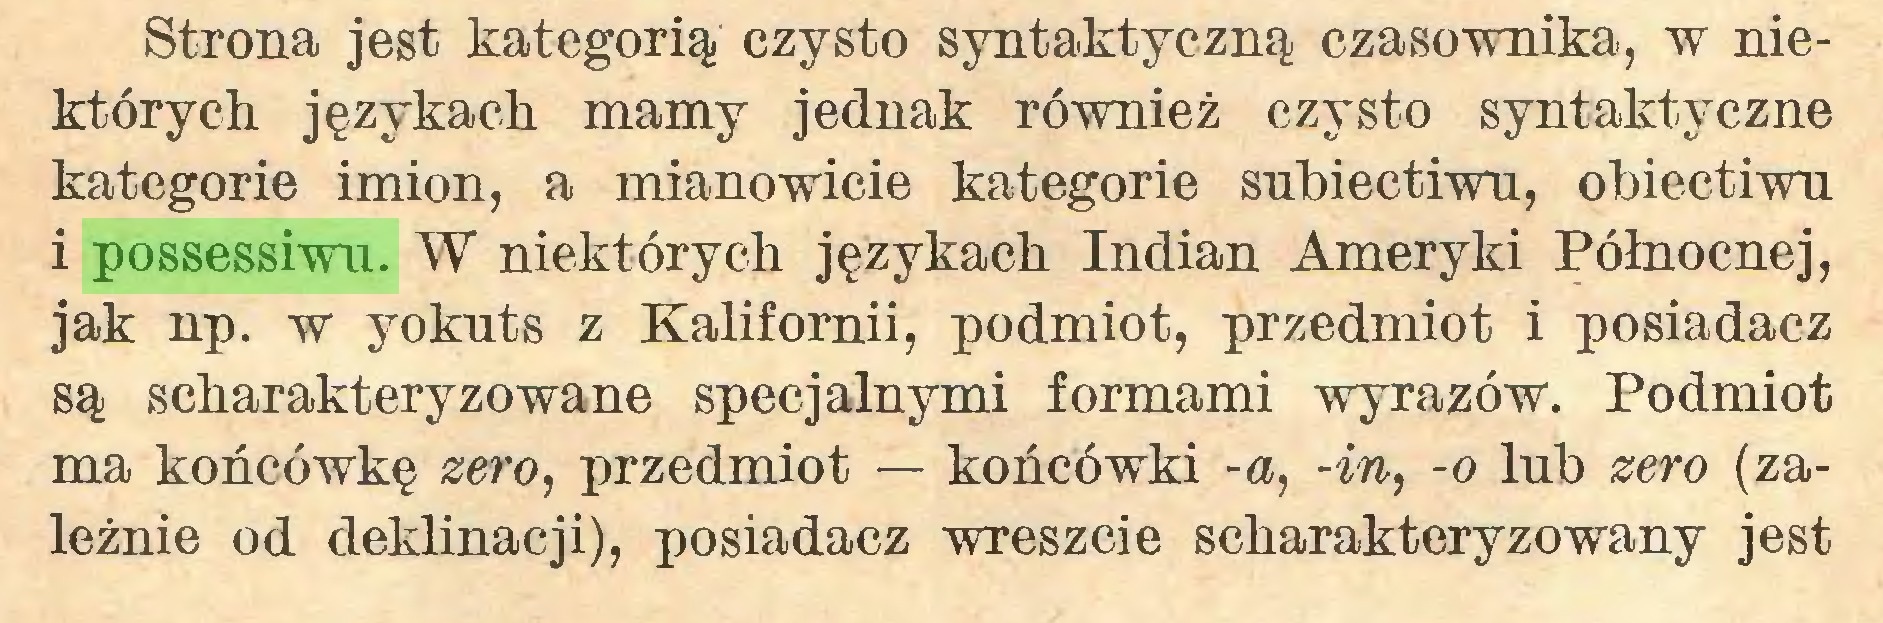 (...) Strona jest kategorią czysto syntaktyczną czasownika, w niektórych językach mamy jednak również czysto syntaktyczne kategorie imion, a mianowicie kategorie subiectiwu, obiectiwu i possessiwu. W niektórych językach Indian Ameryki Północnej, jak np. w yokuts z Kalifornii, podmiot, przedmiot i posiadacz są scharakteryzowane specjalnymi formami wyrazów. Podmiot ma końcówkę zero, przedmiot — końcówki -a, -in, -o lub zero (zależnie od deklinacji), posiadacz wreszcie scharakteryzowany jest...